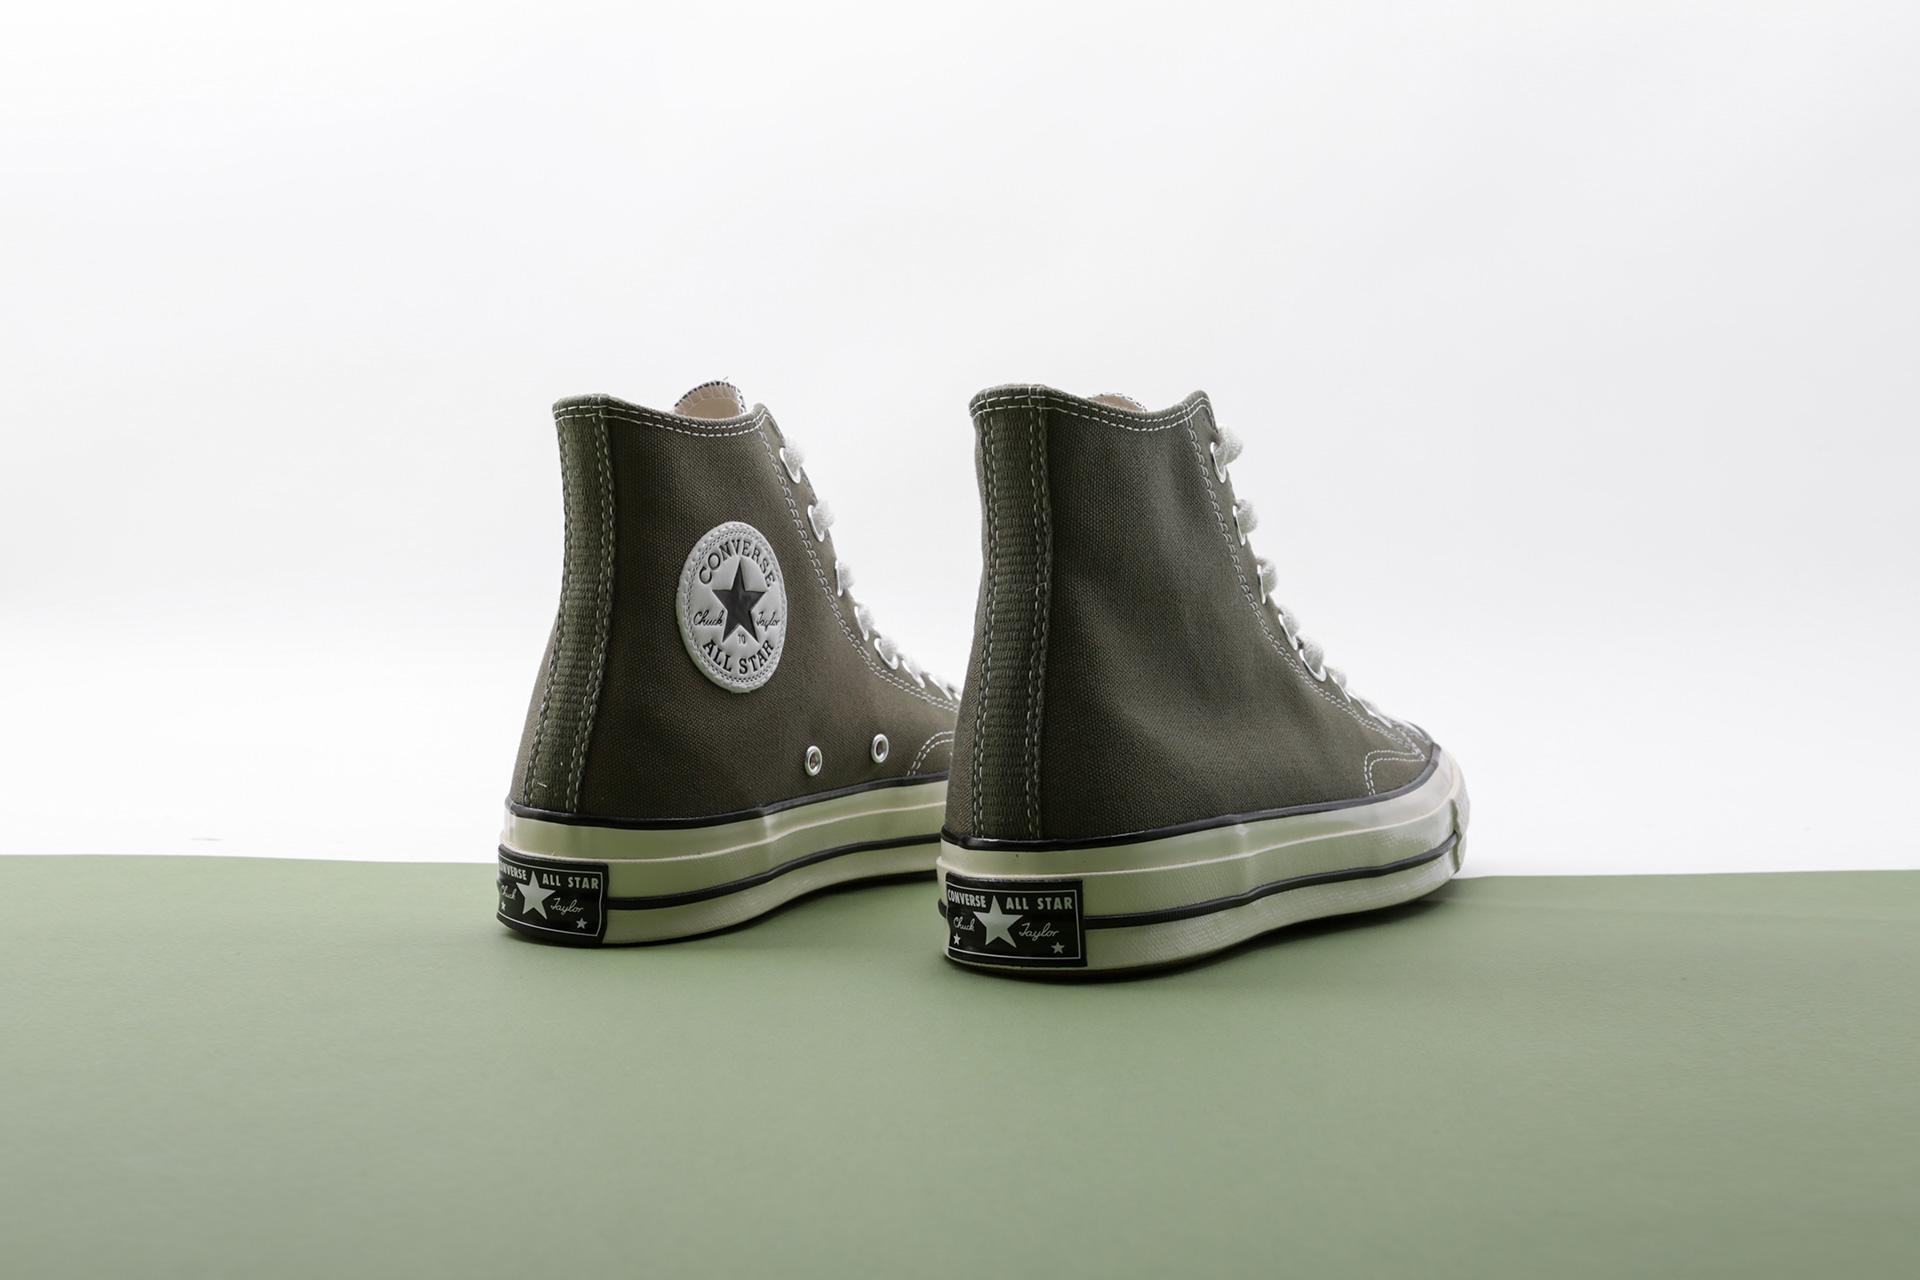 a35ebff6552730 Купить зеленые кеды Chuck 70 Hi от Converse (162052) по цене 7650 рублей